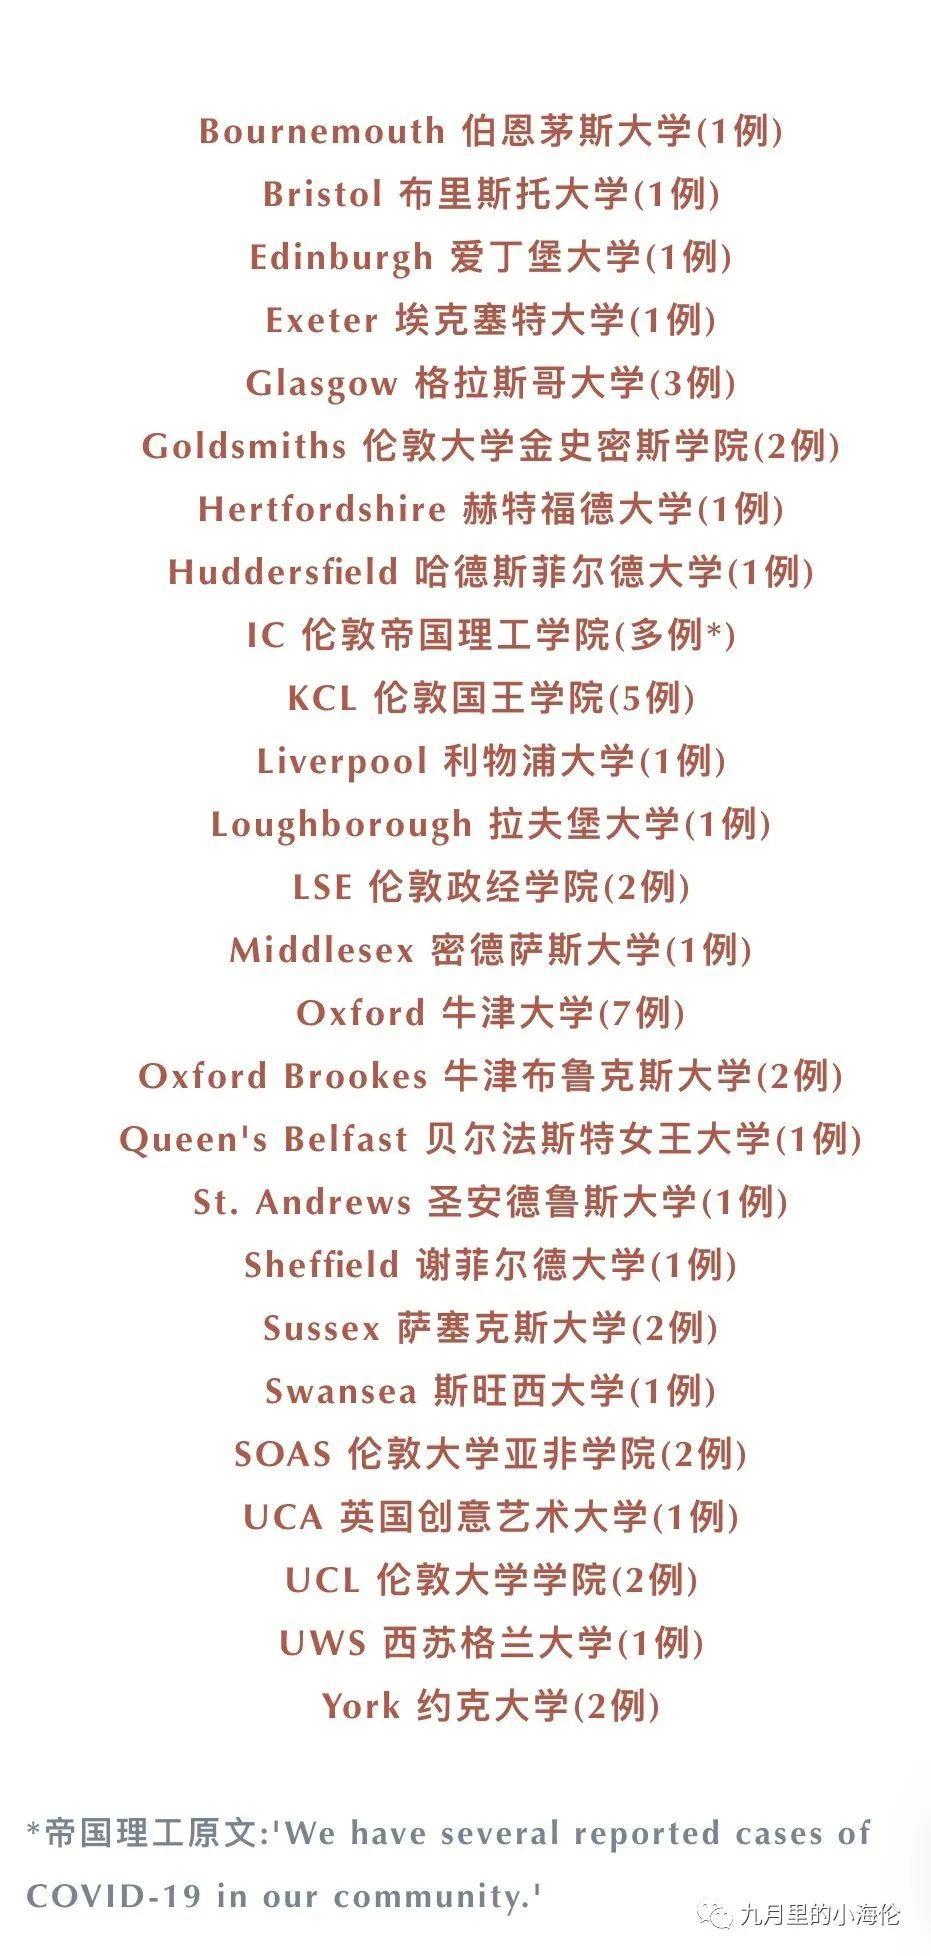 一个留学生(深国交14届毕业生)眼里2020新冠疫情下的英国近况  学在国交 深圳国际交流学院 英国大学 疫情相关 第7张